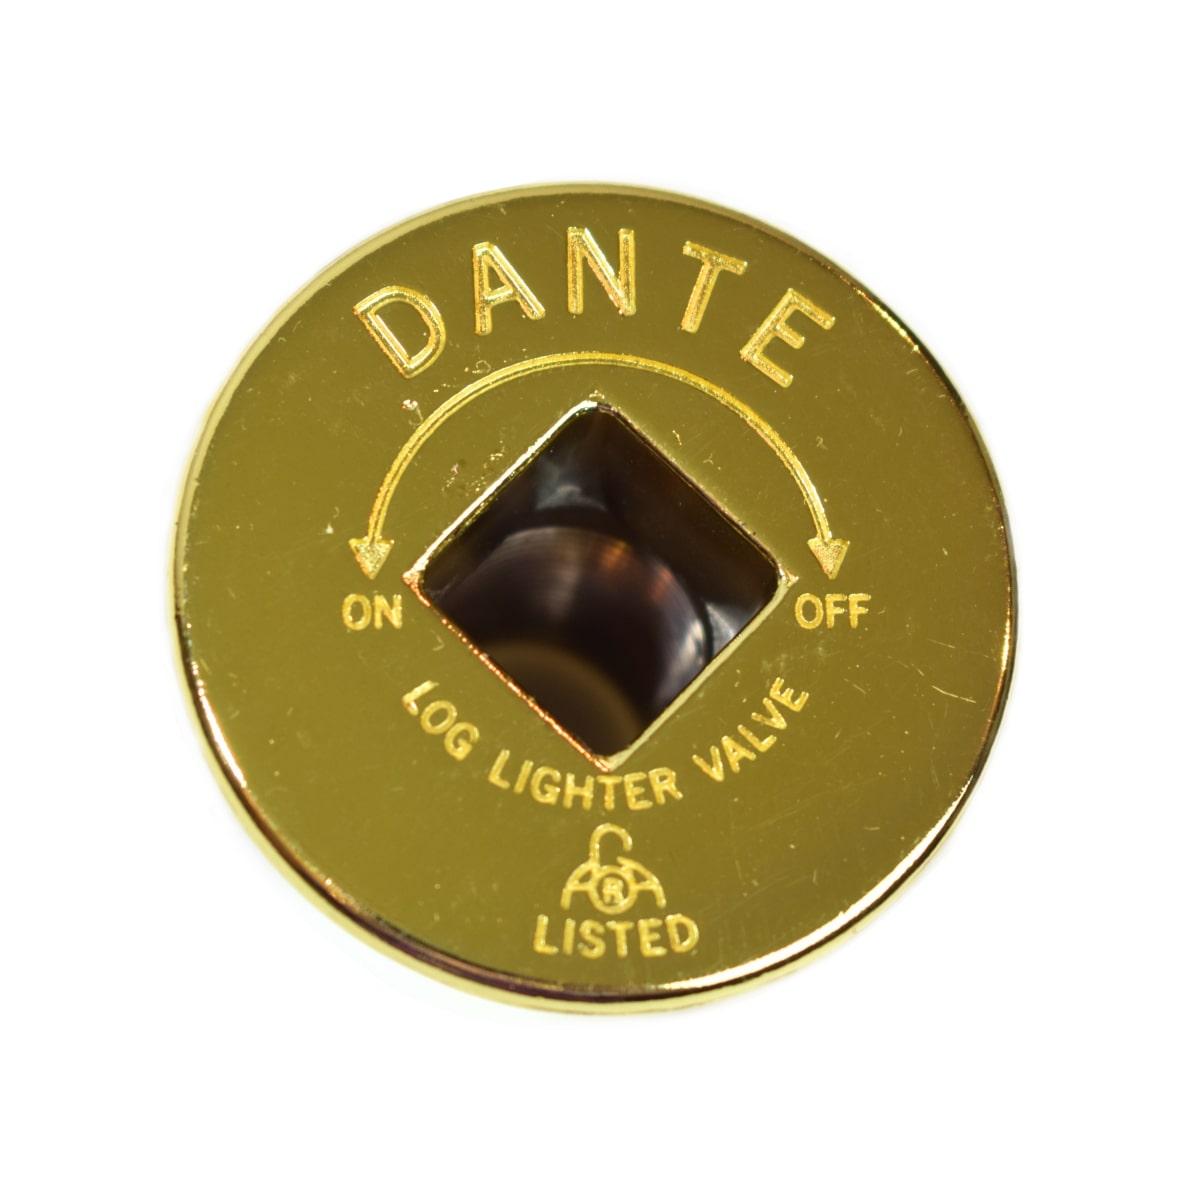 Dante escutcheon brass front